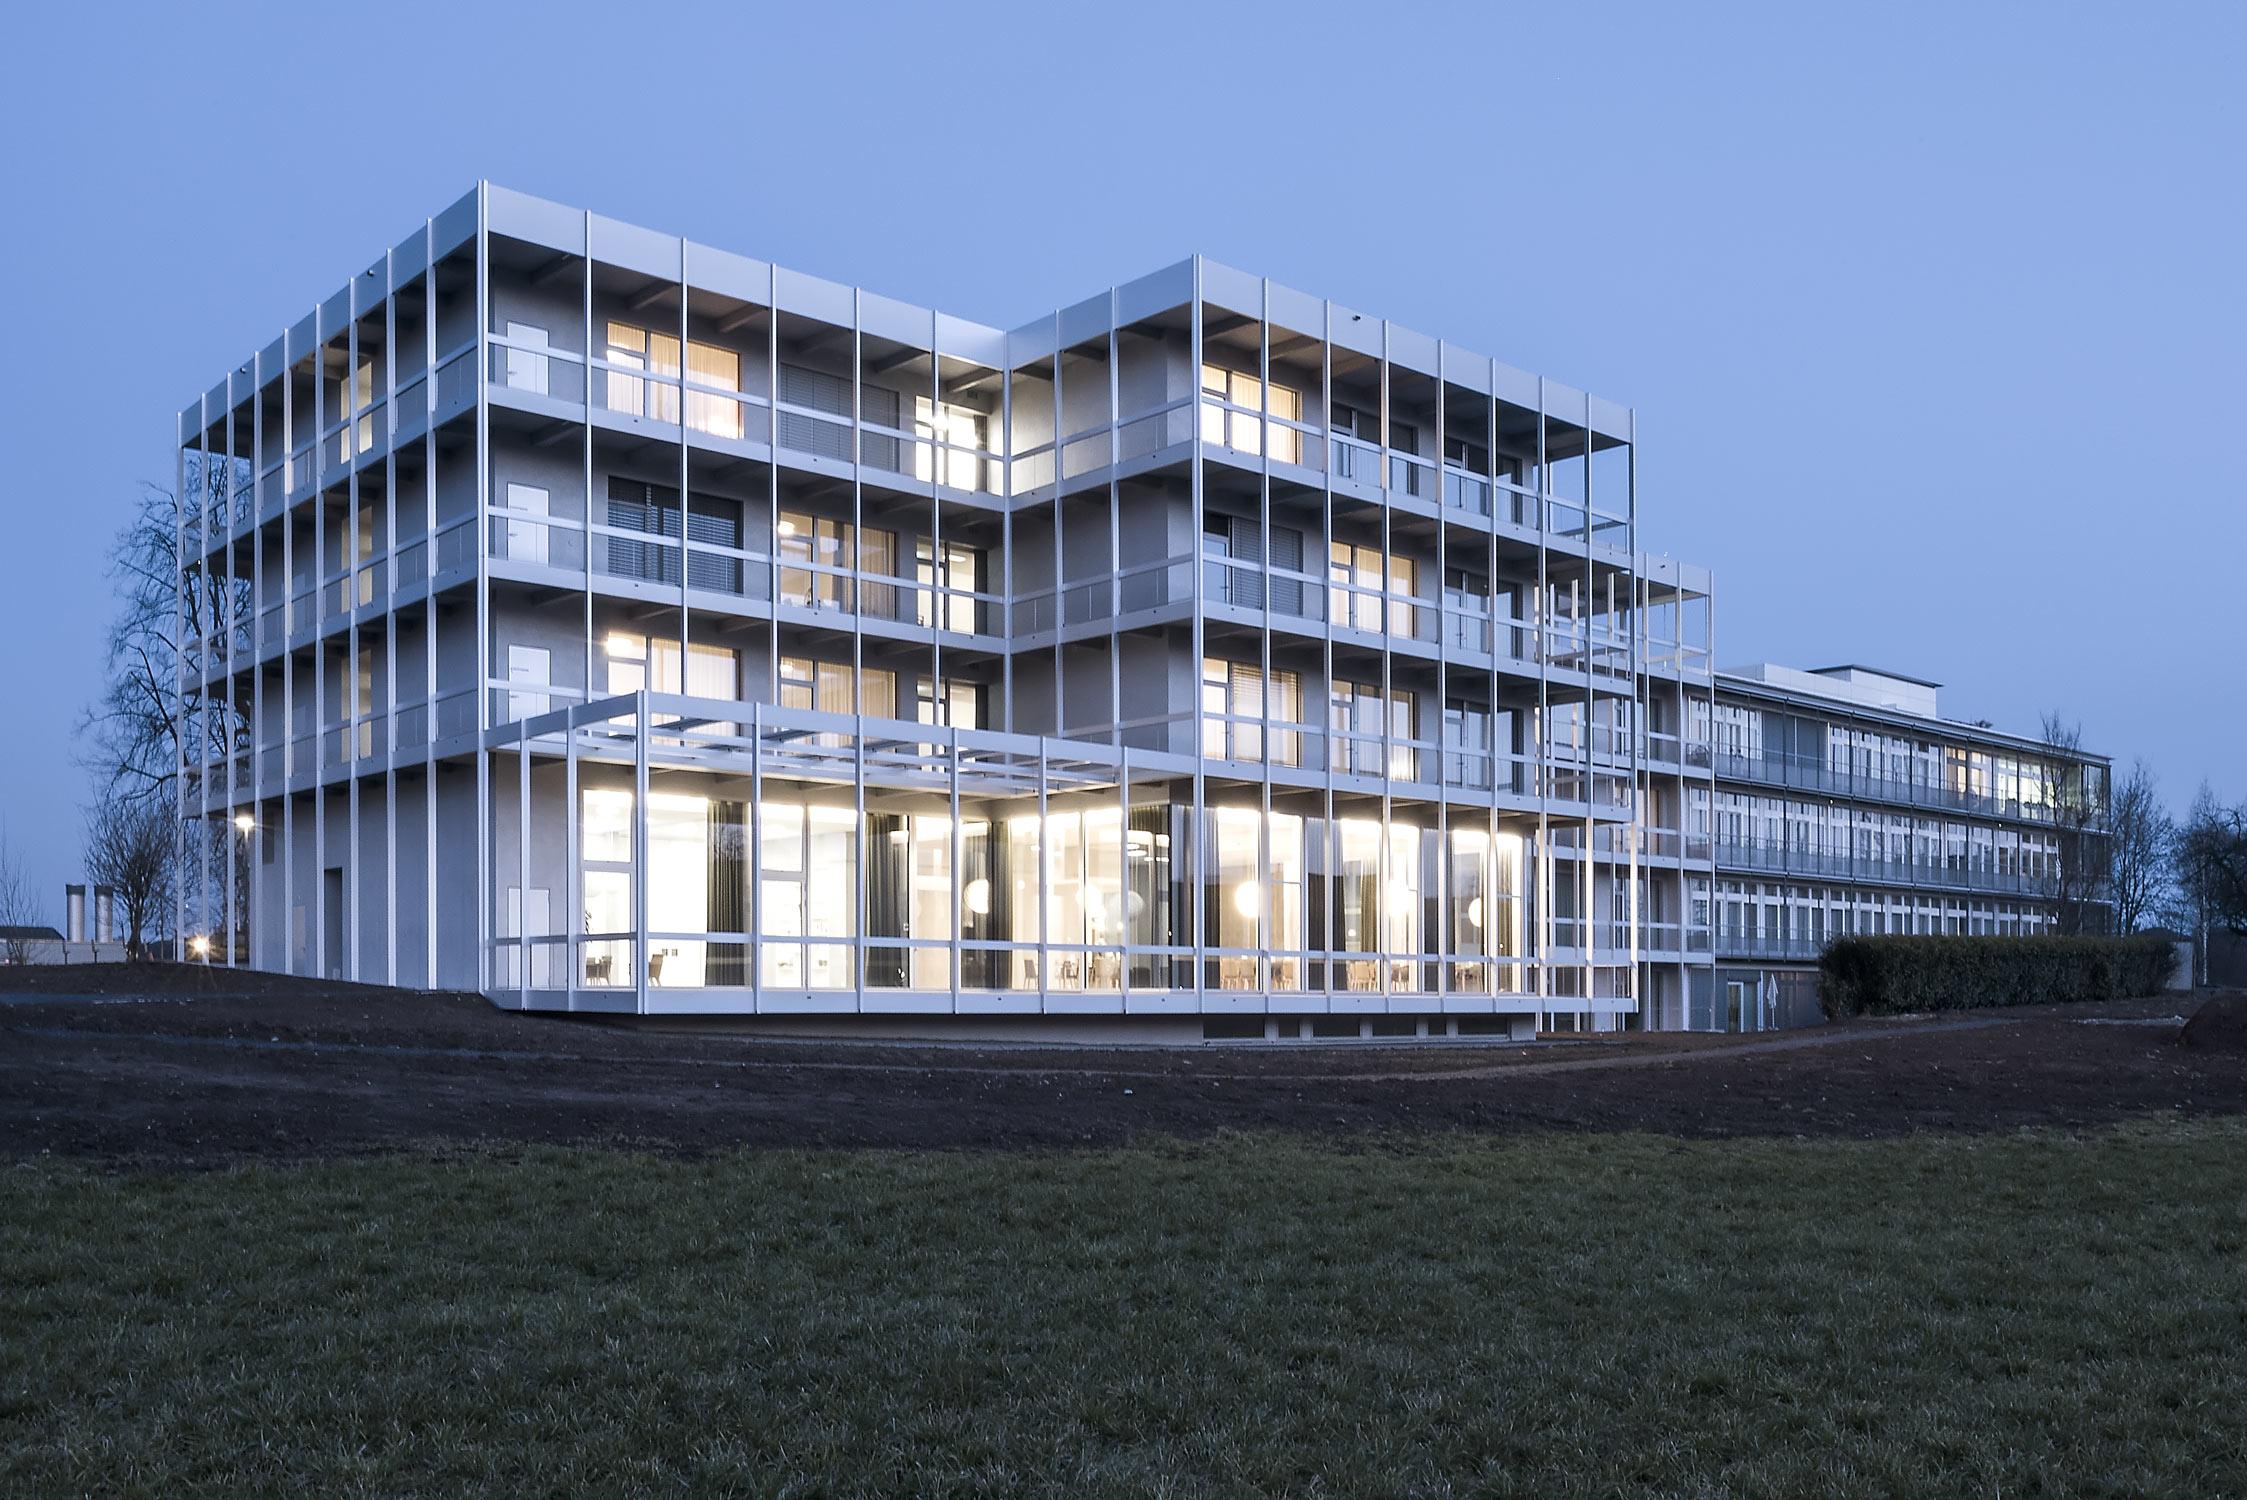 Pflegezentrum-Ennetsee in Cham, ZG. Aussenaufnahme bei Abenddämmerung.